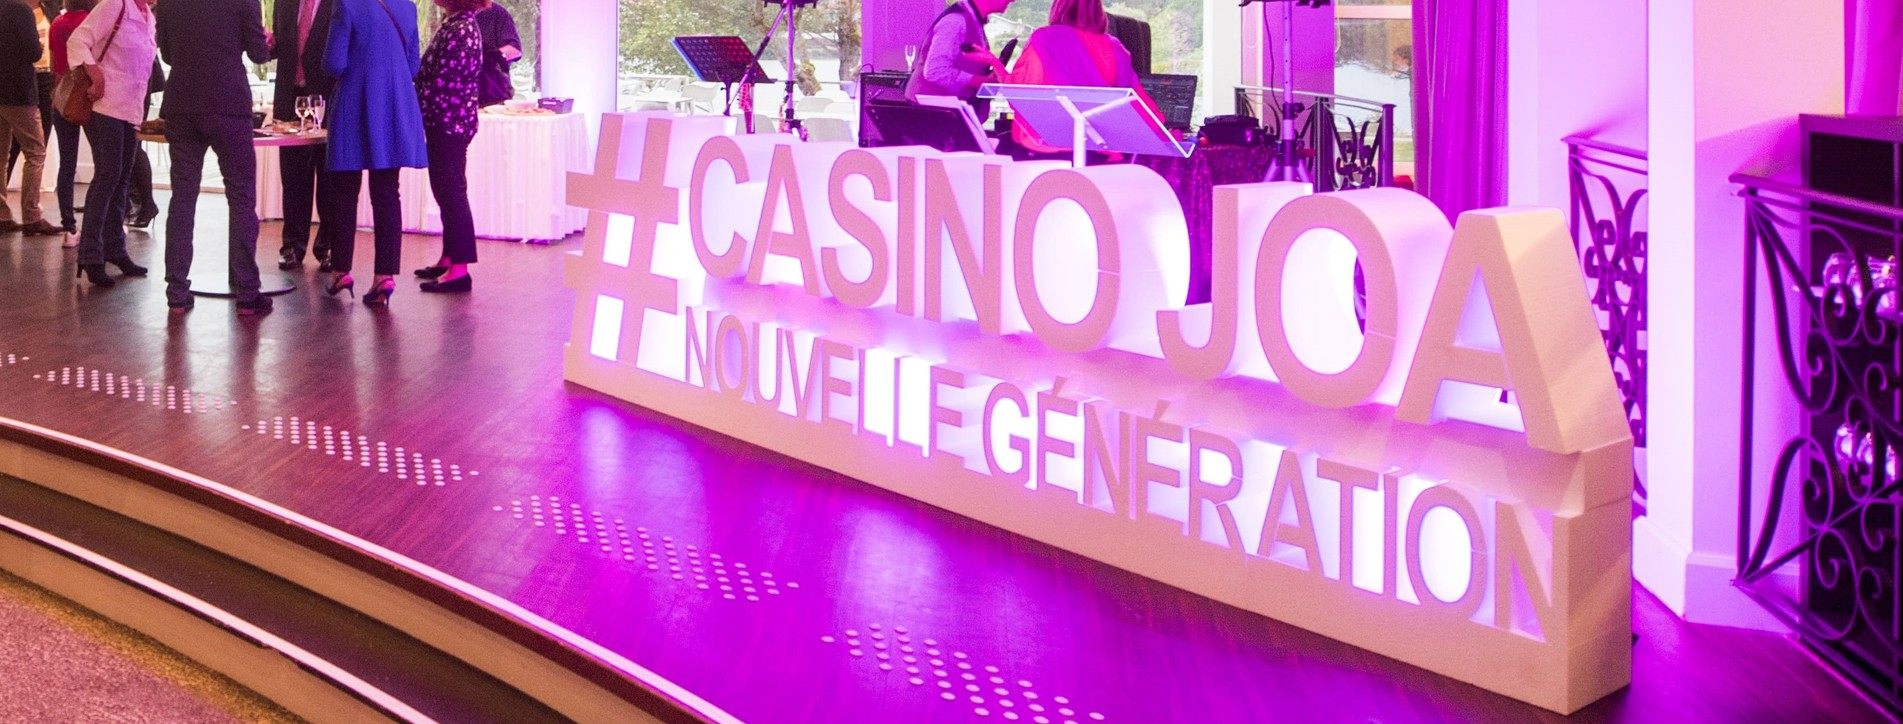 Logo évènementiel en polystyrène géants hashtag Casino Joa Nouvelle Génération Fête Ouverture Animation